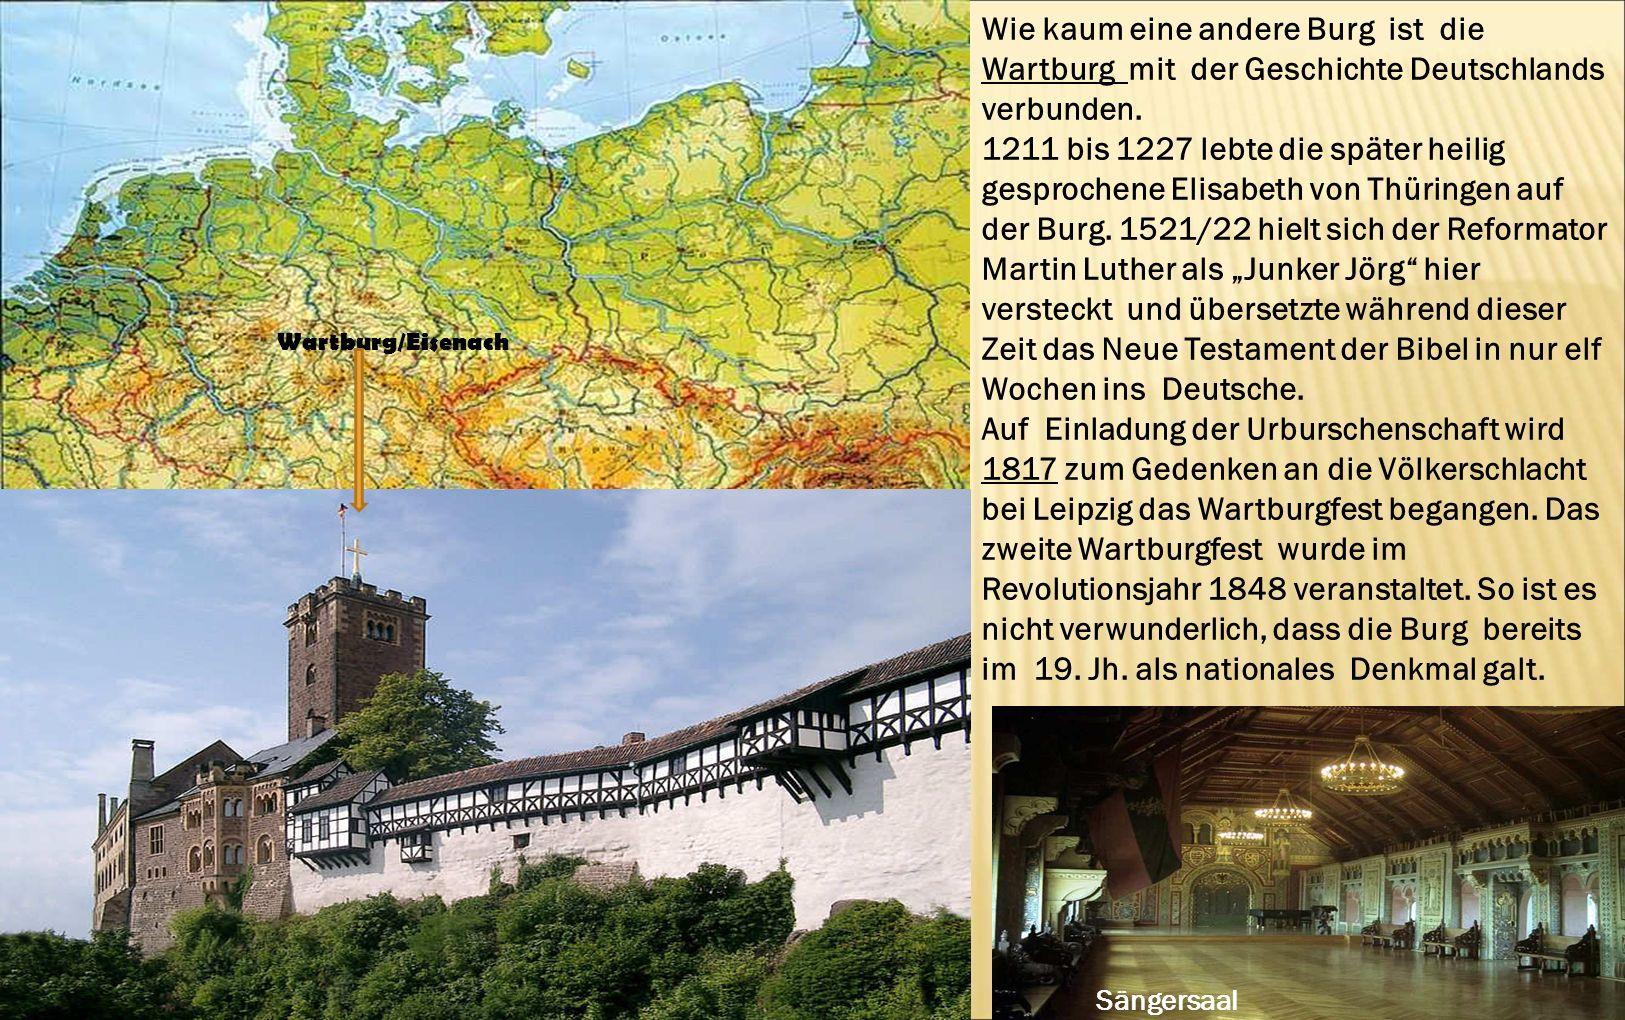 1211 bis 1227 lebte die später heilig